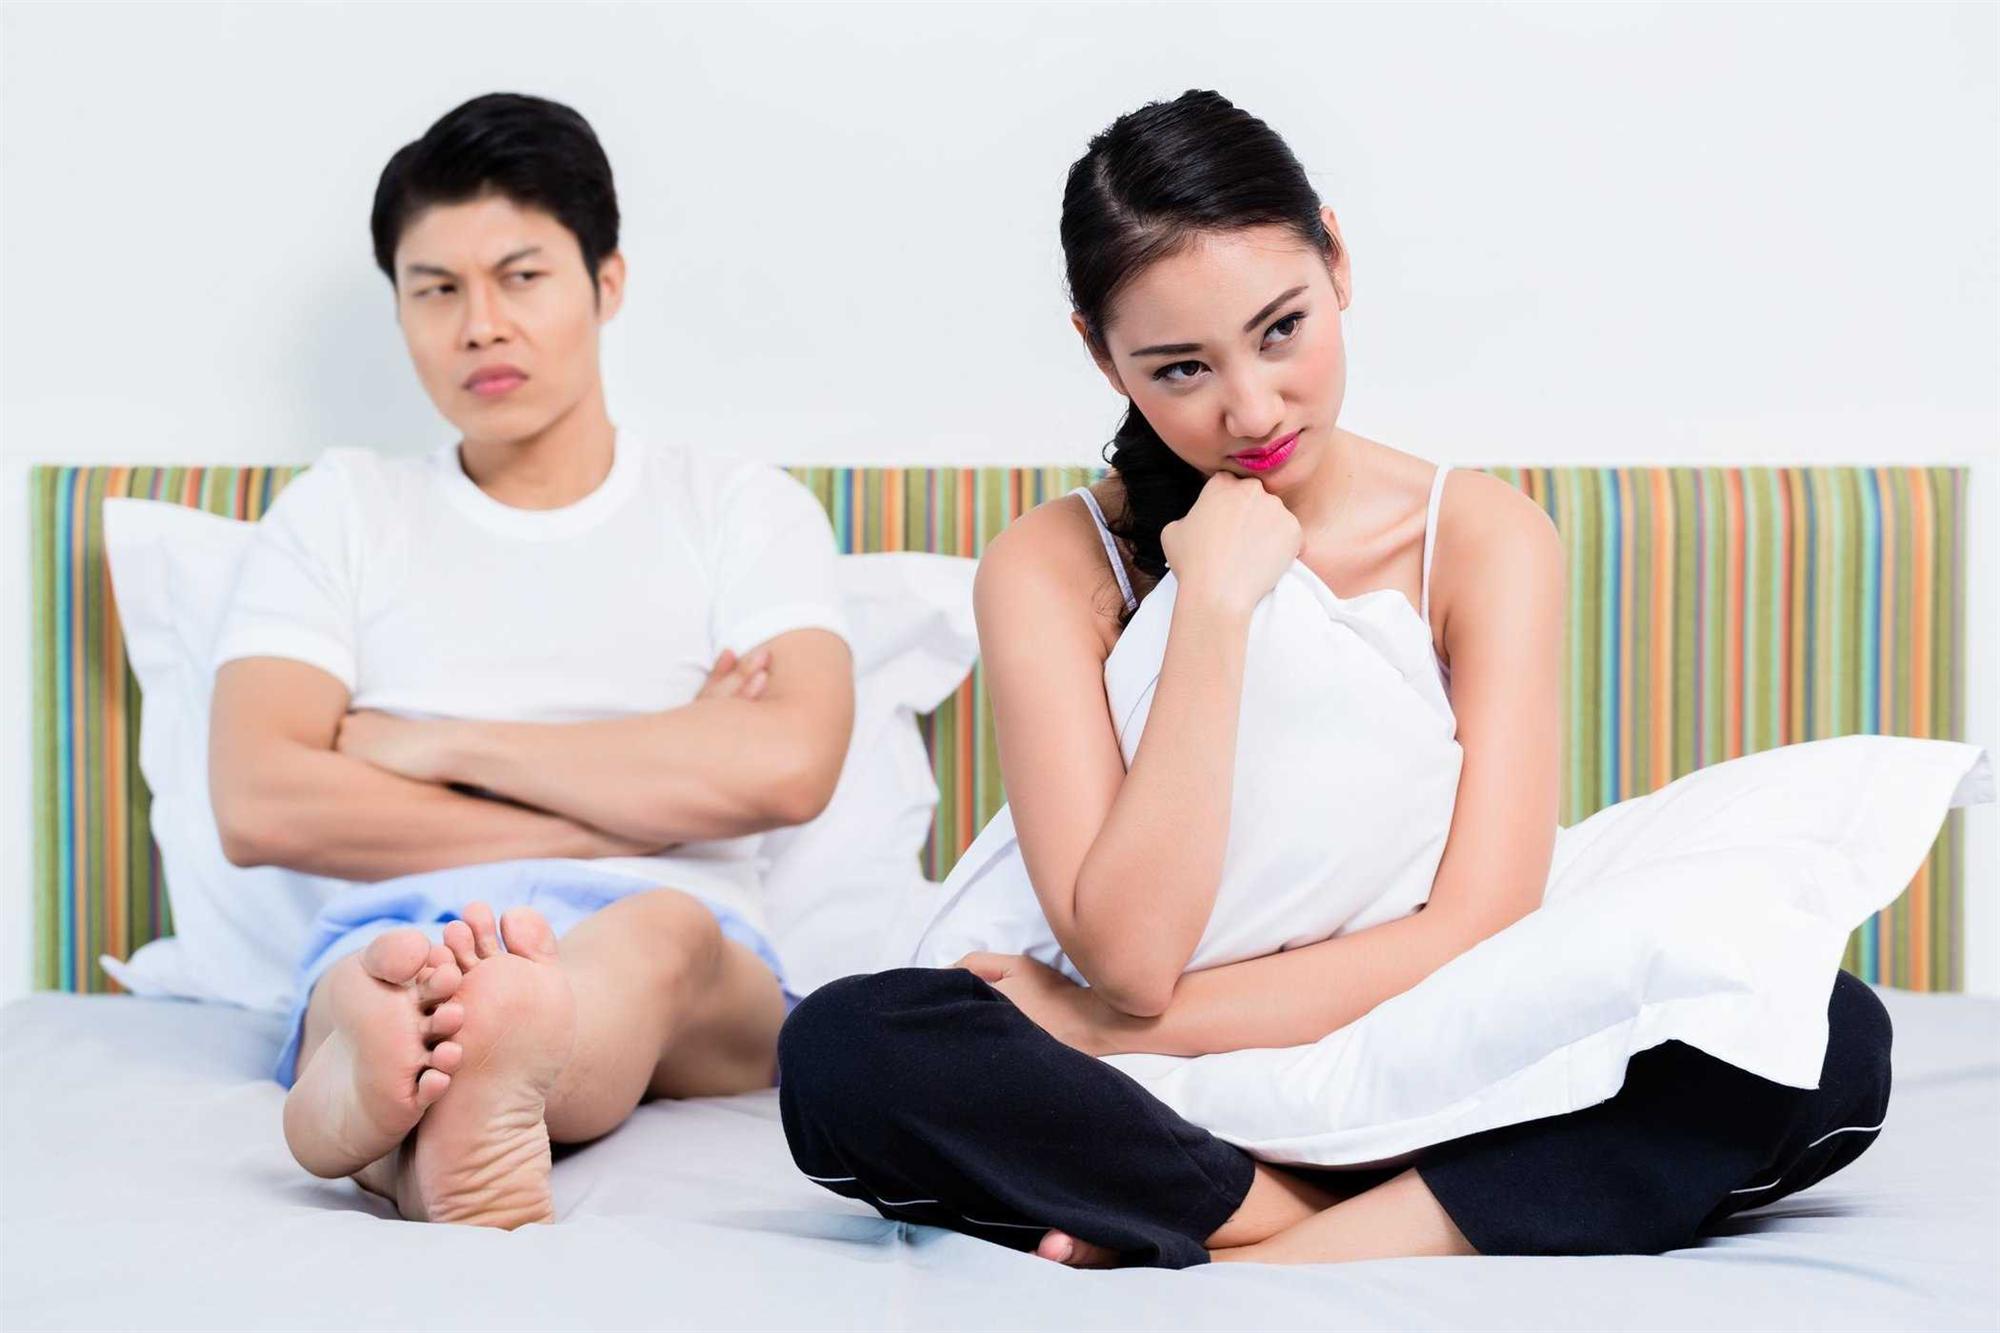 70% hôn nhân vẫn tồn tại sau ngoại tình, nhưng hạnh phúc lại là chuyện khác-1